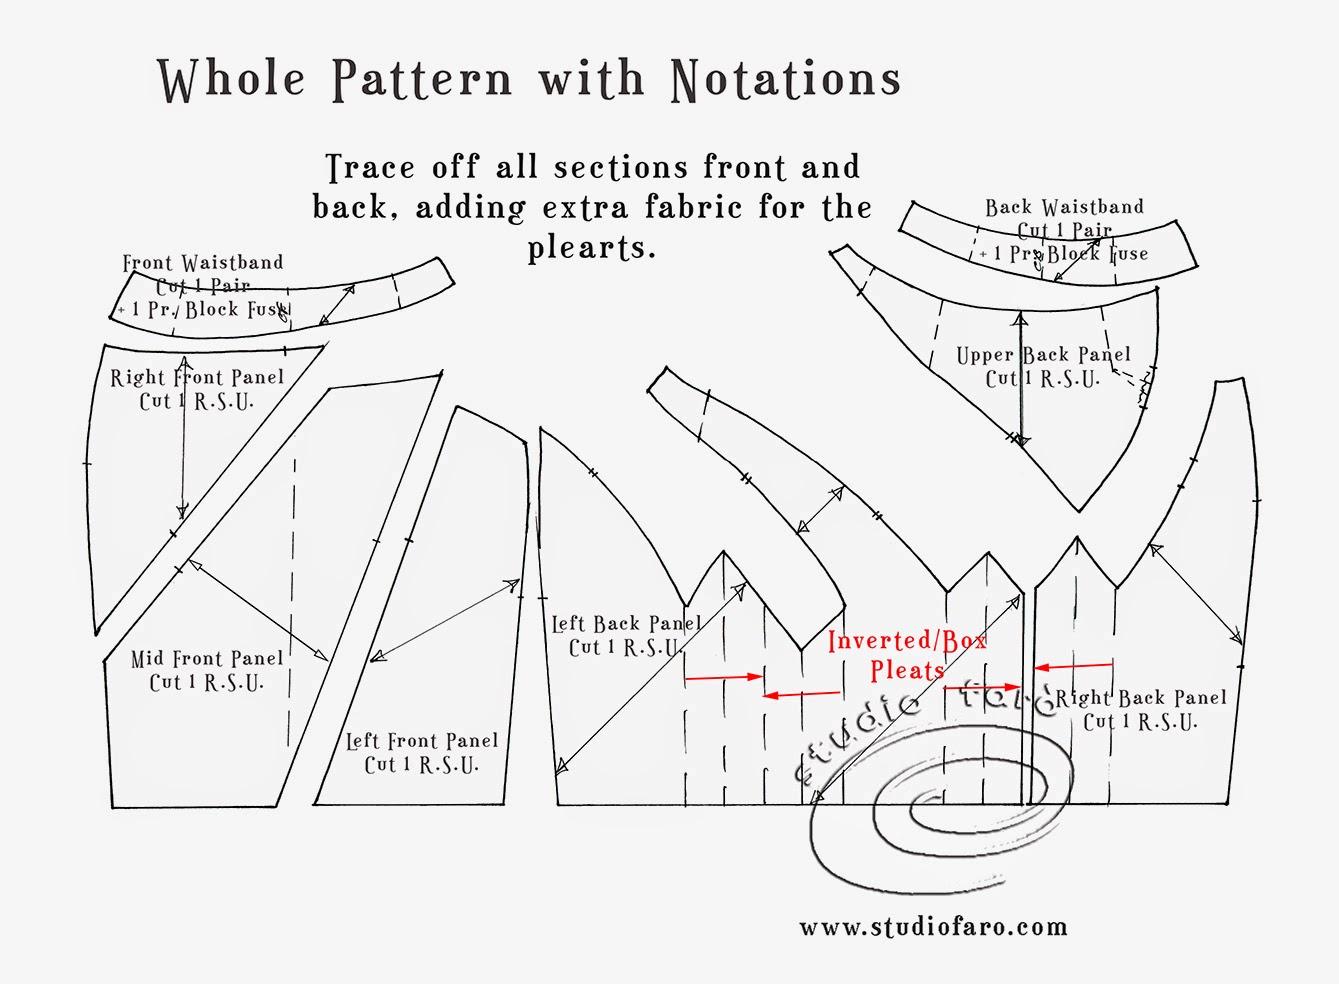 инструкционная карта по теме обработка шлицы в юбках